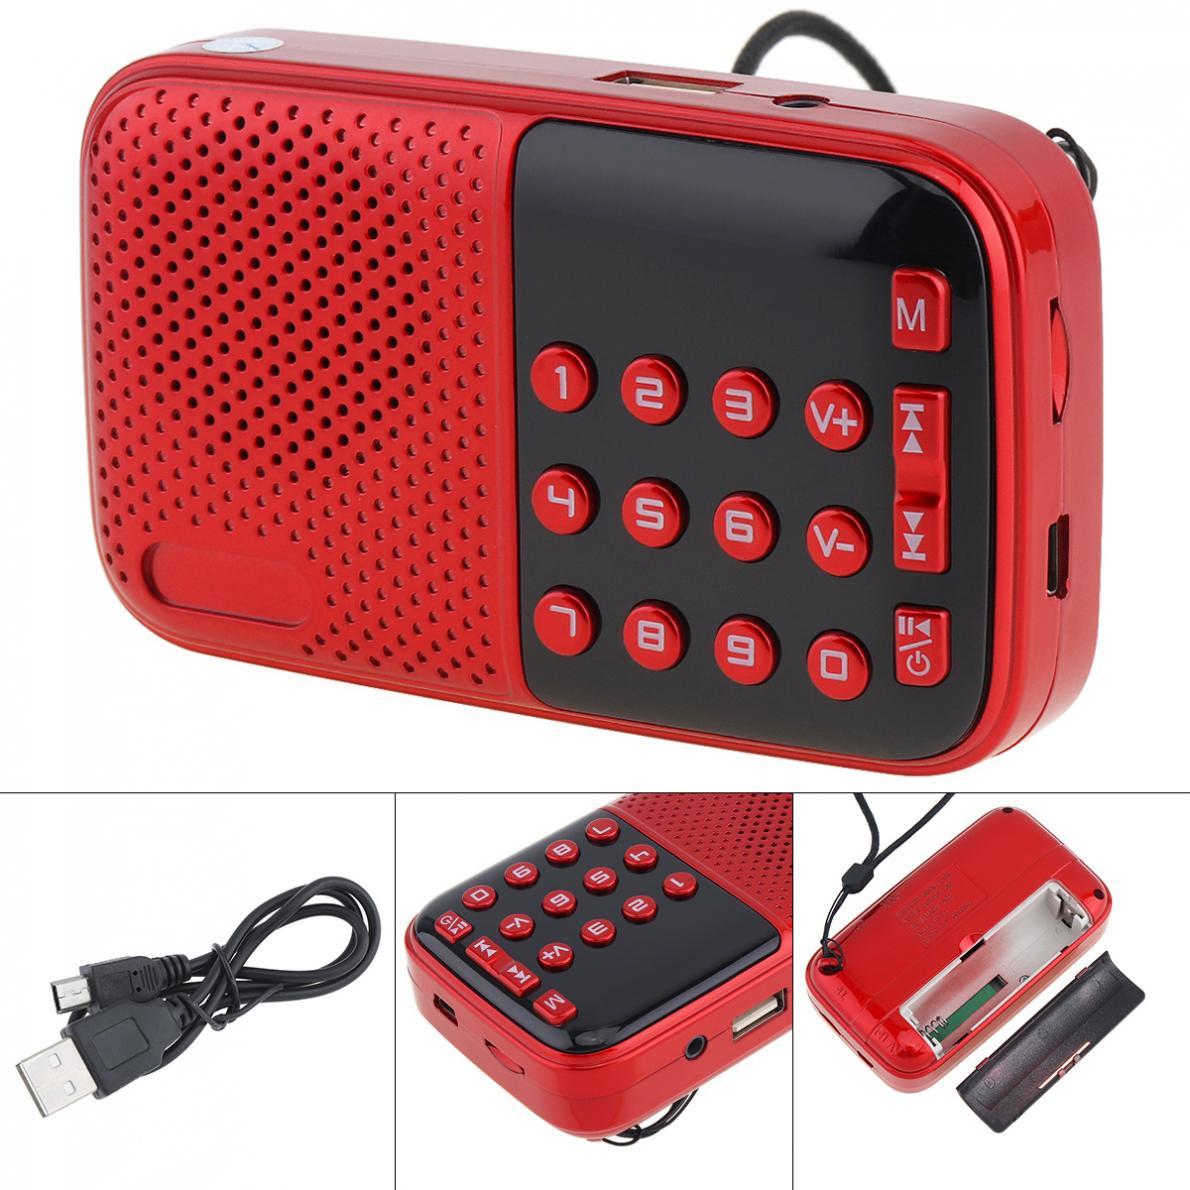 V8 Tragbare Radio Mini Audio Karte Lautsprecher Fm Radio Mit 3,5mm Kopfhörer Jack Für Home/outdoor Grade Produkte Nach QualitäT Unterhaltungselektronik Tragbares Audio & Video